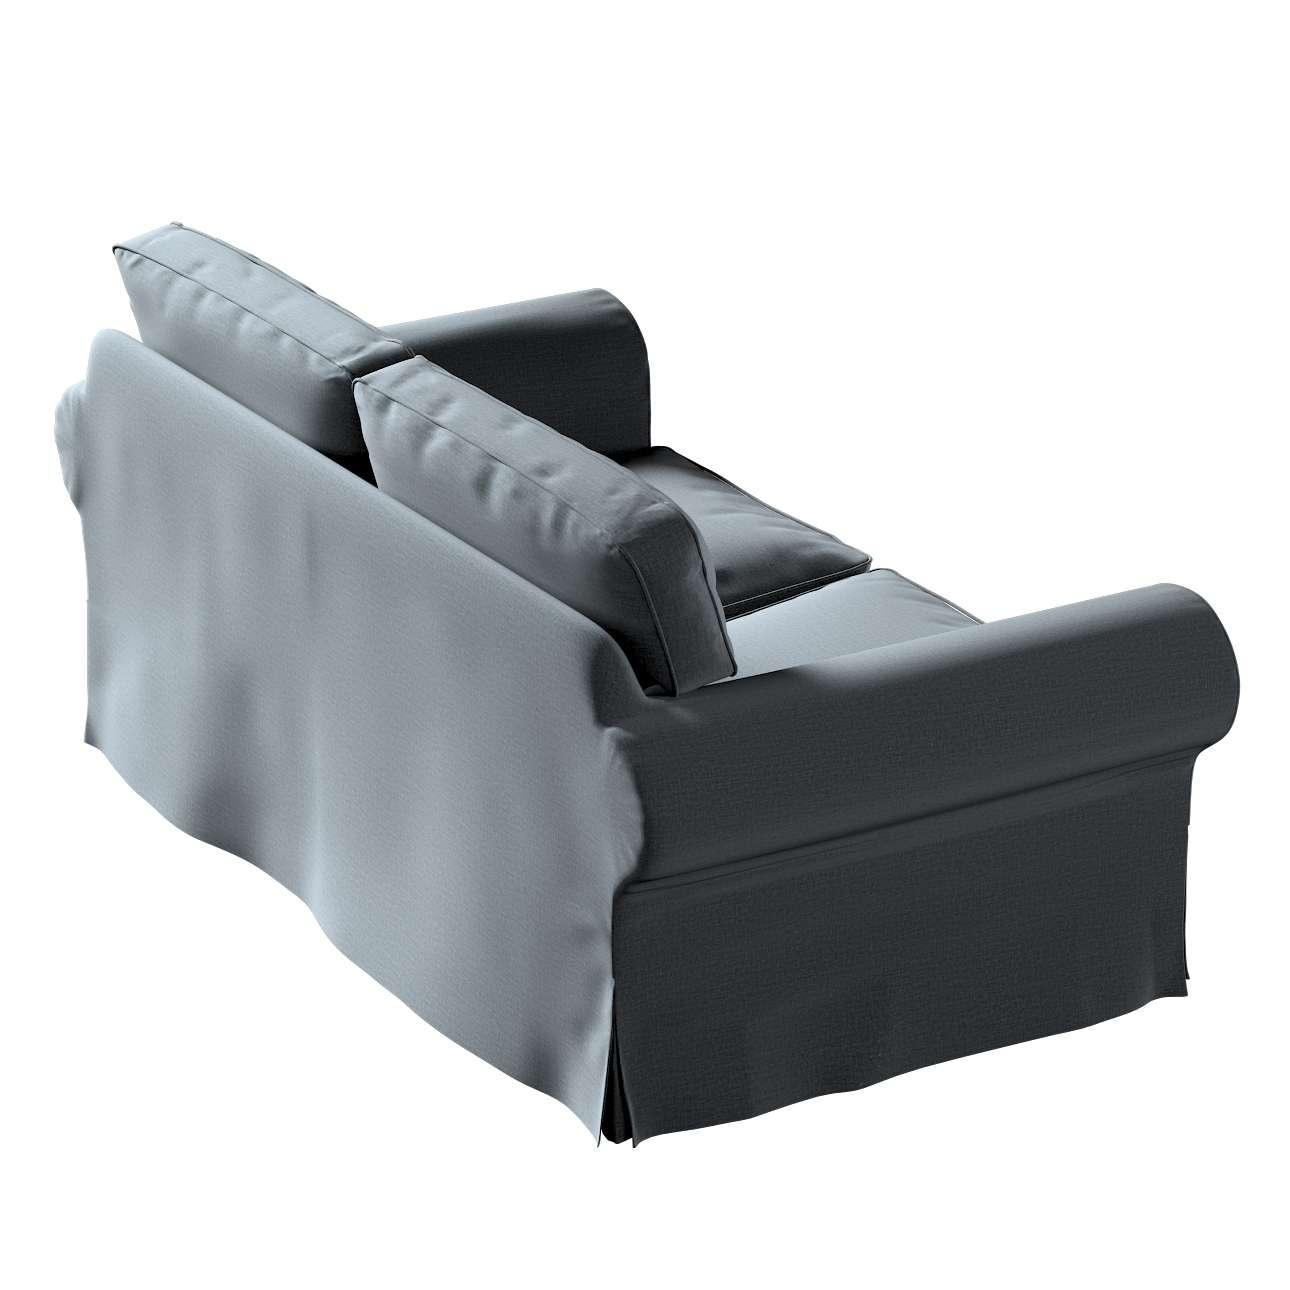 Pokrowiec na sofę Ektorp 2-osobową rozkładaną, model po 2012 w kolekcji Ingrid, tkanina: 705-43